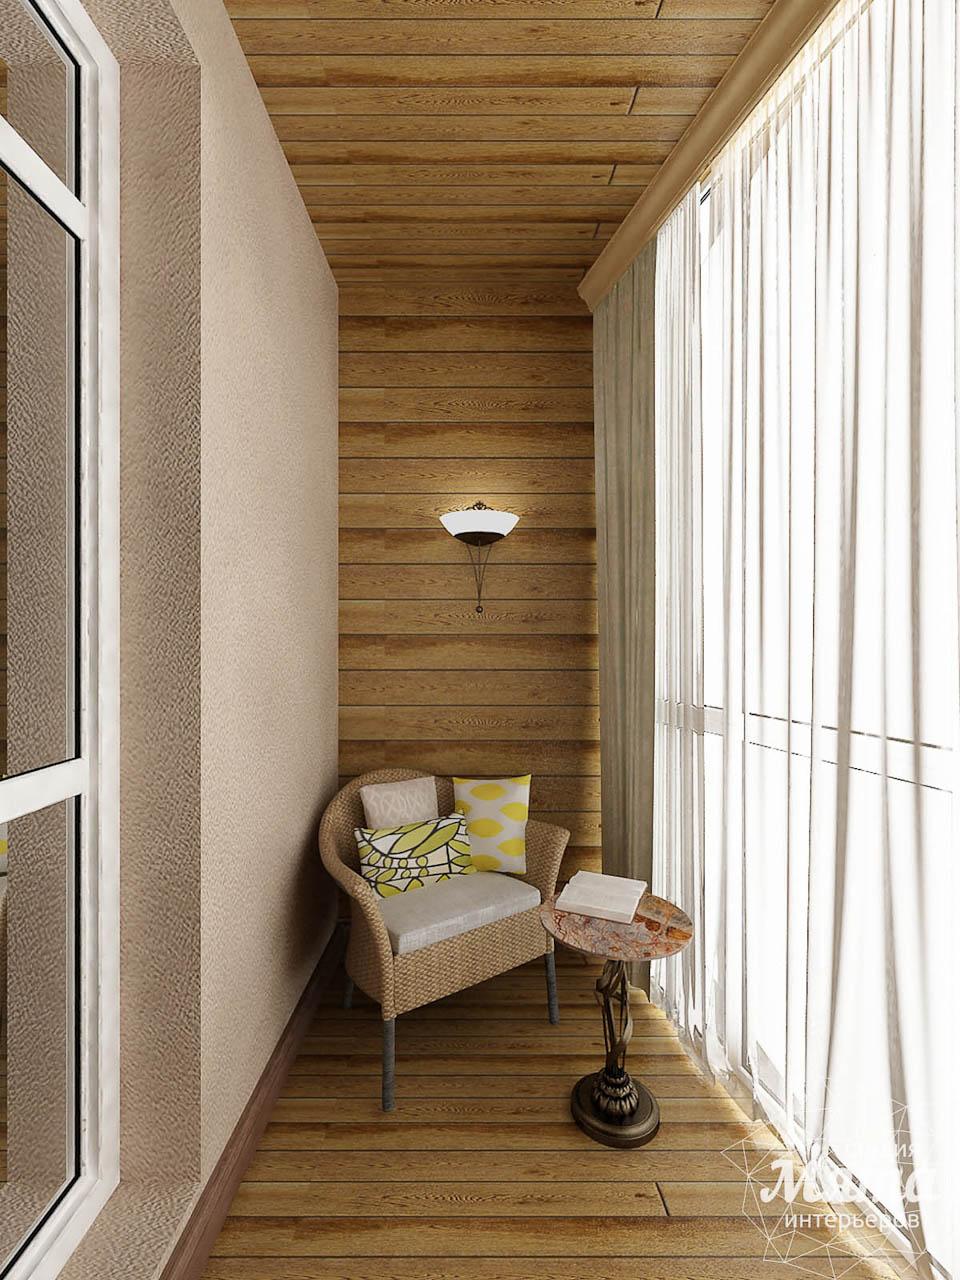 Дизайн интерьера двухкомнатной квартиры по ул. Мельникова 38 img804564777